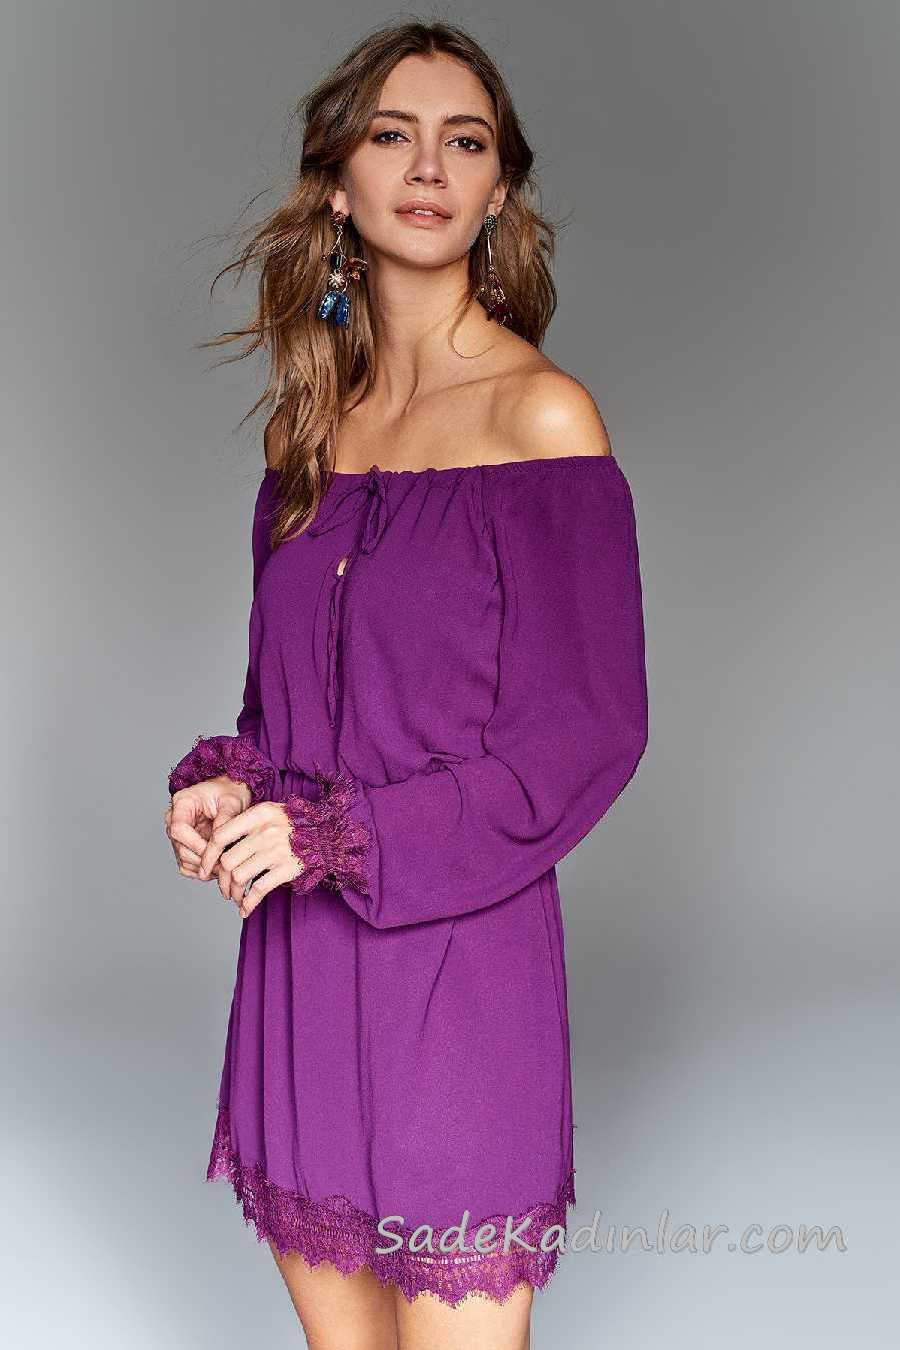 2020 Mürdüm Abiye Elbise Modelleri Kısa Omzu Açık Büzgülü Uzun Kollu Dantelli